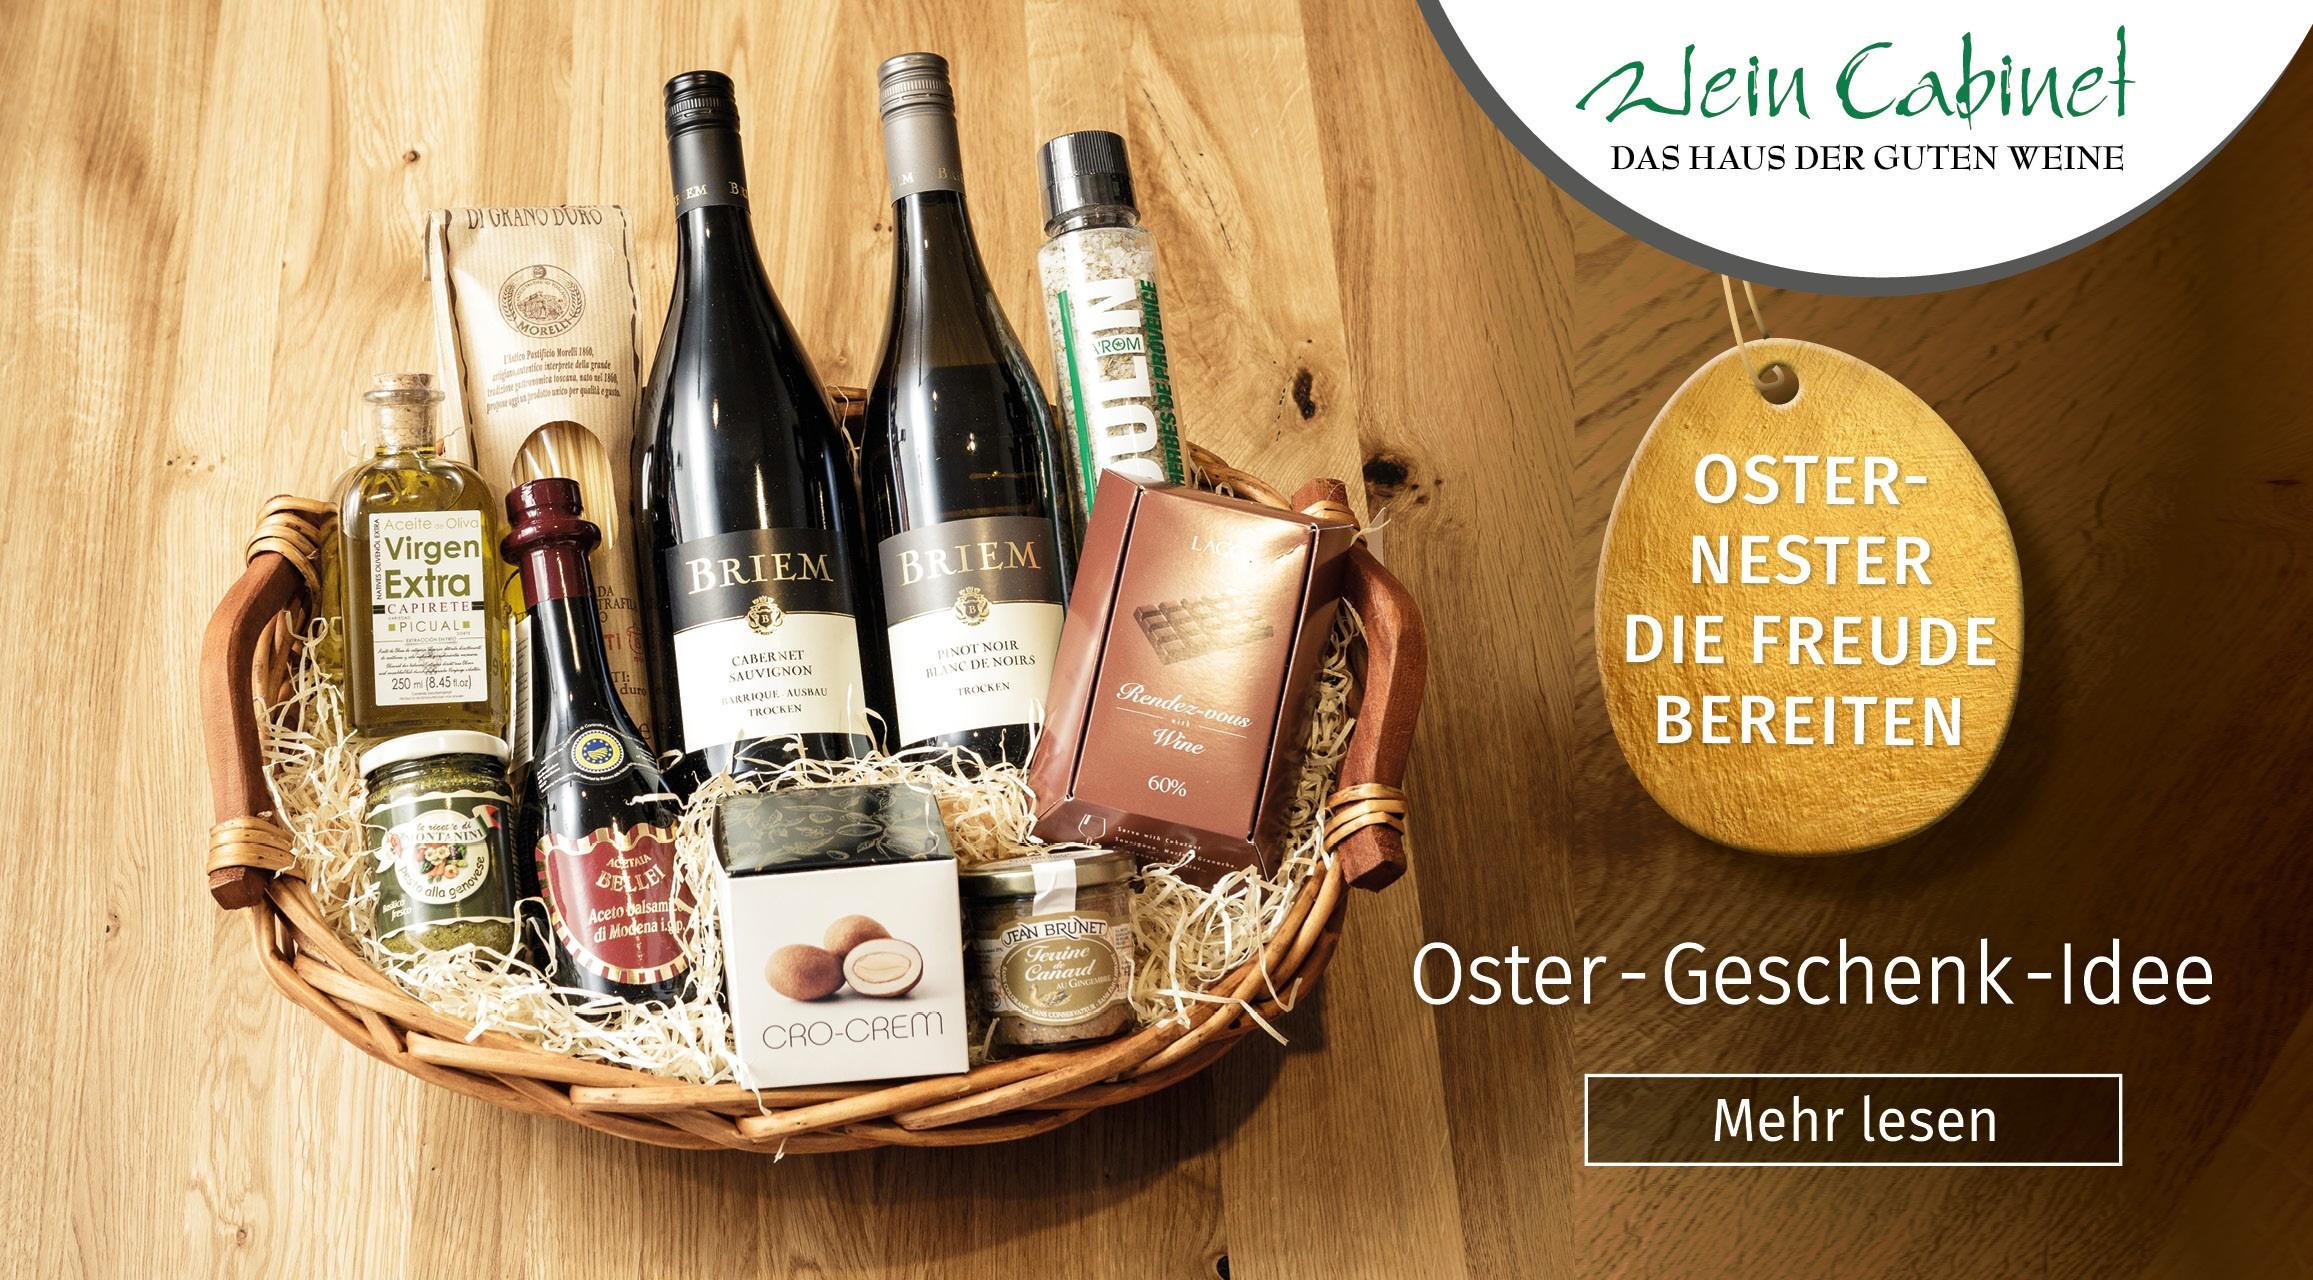 Ostergeschänke, Ostern, Bonn, Wein Cabinet Briem, Bad Godesberg, Berkum, Wachtberg